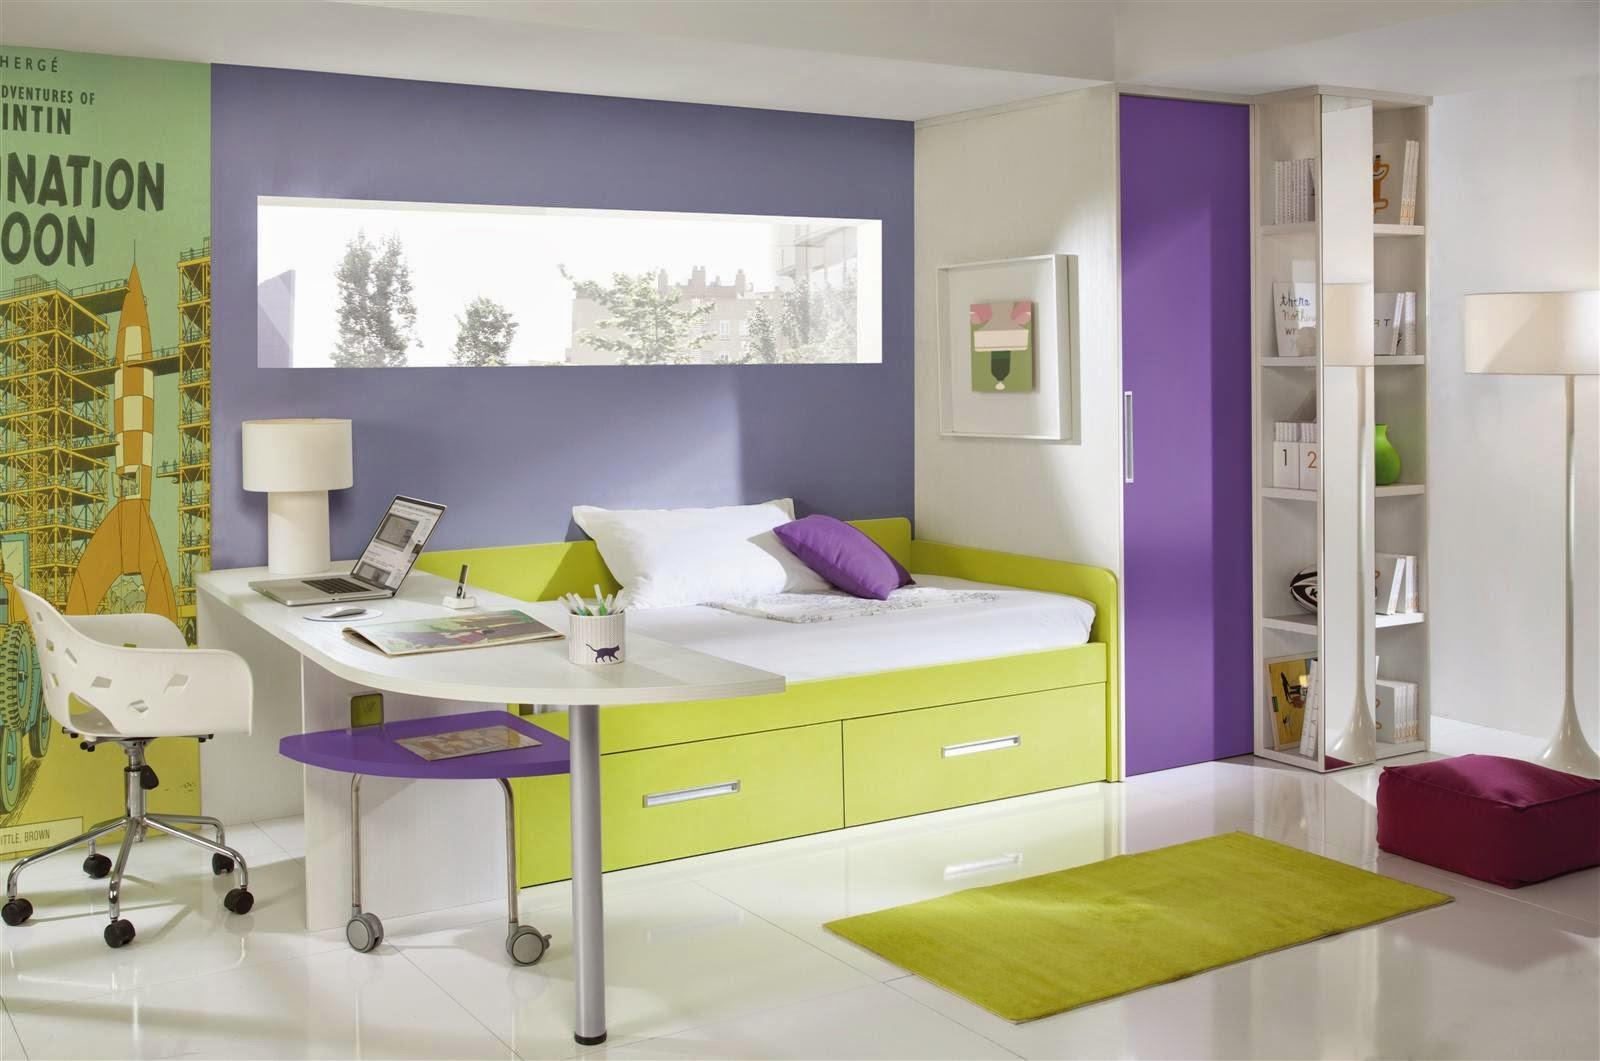 Dormitorios juveniles 3 camas amazing dormitorio juvenil - Mueble juvenil ikea ...